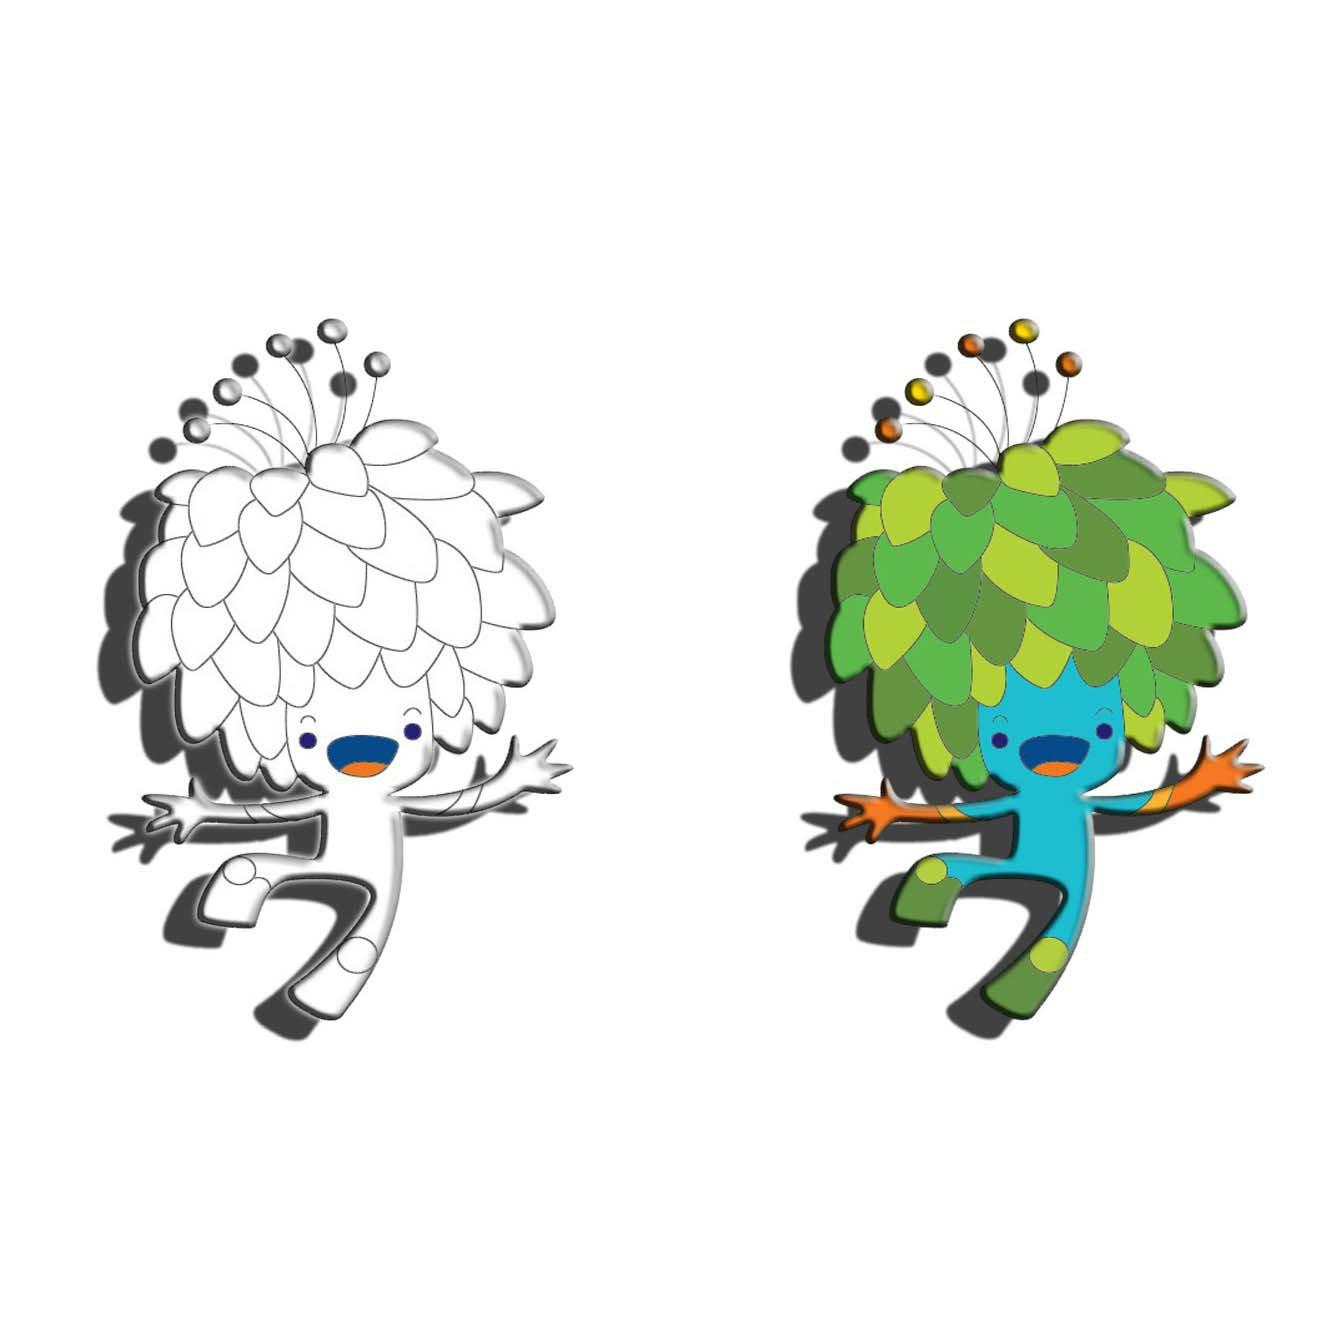 Desenho De Mascotes Dos Jogos Olímpicos Rio 2016 Para Colorir